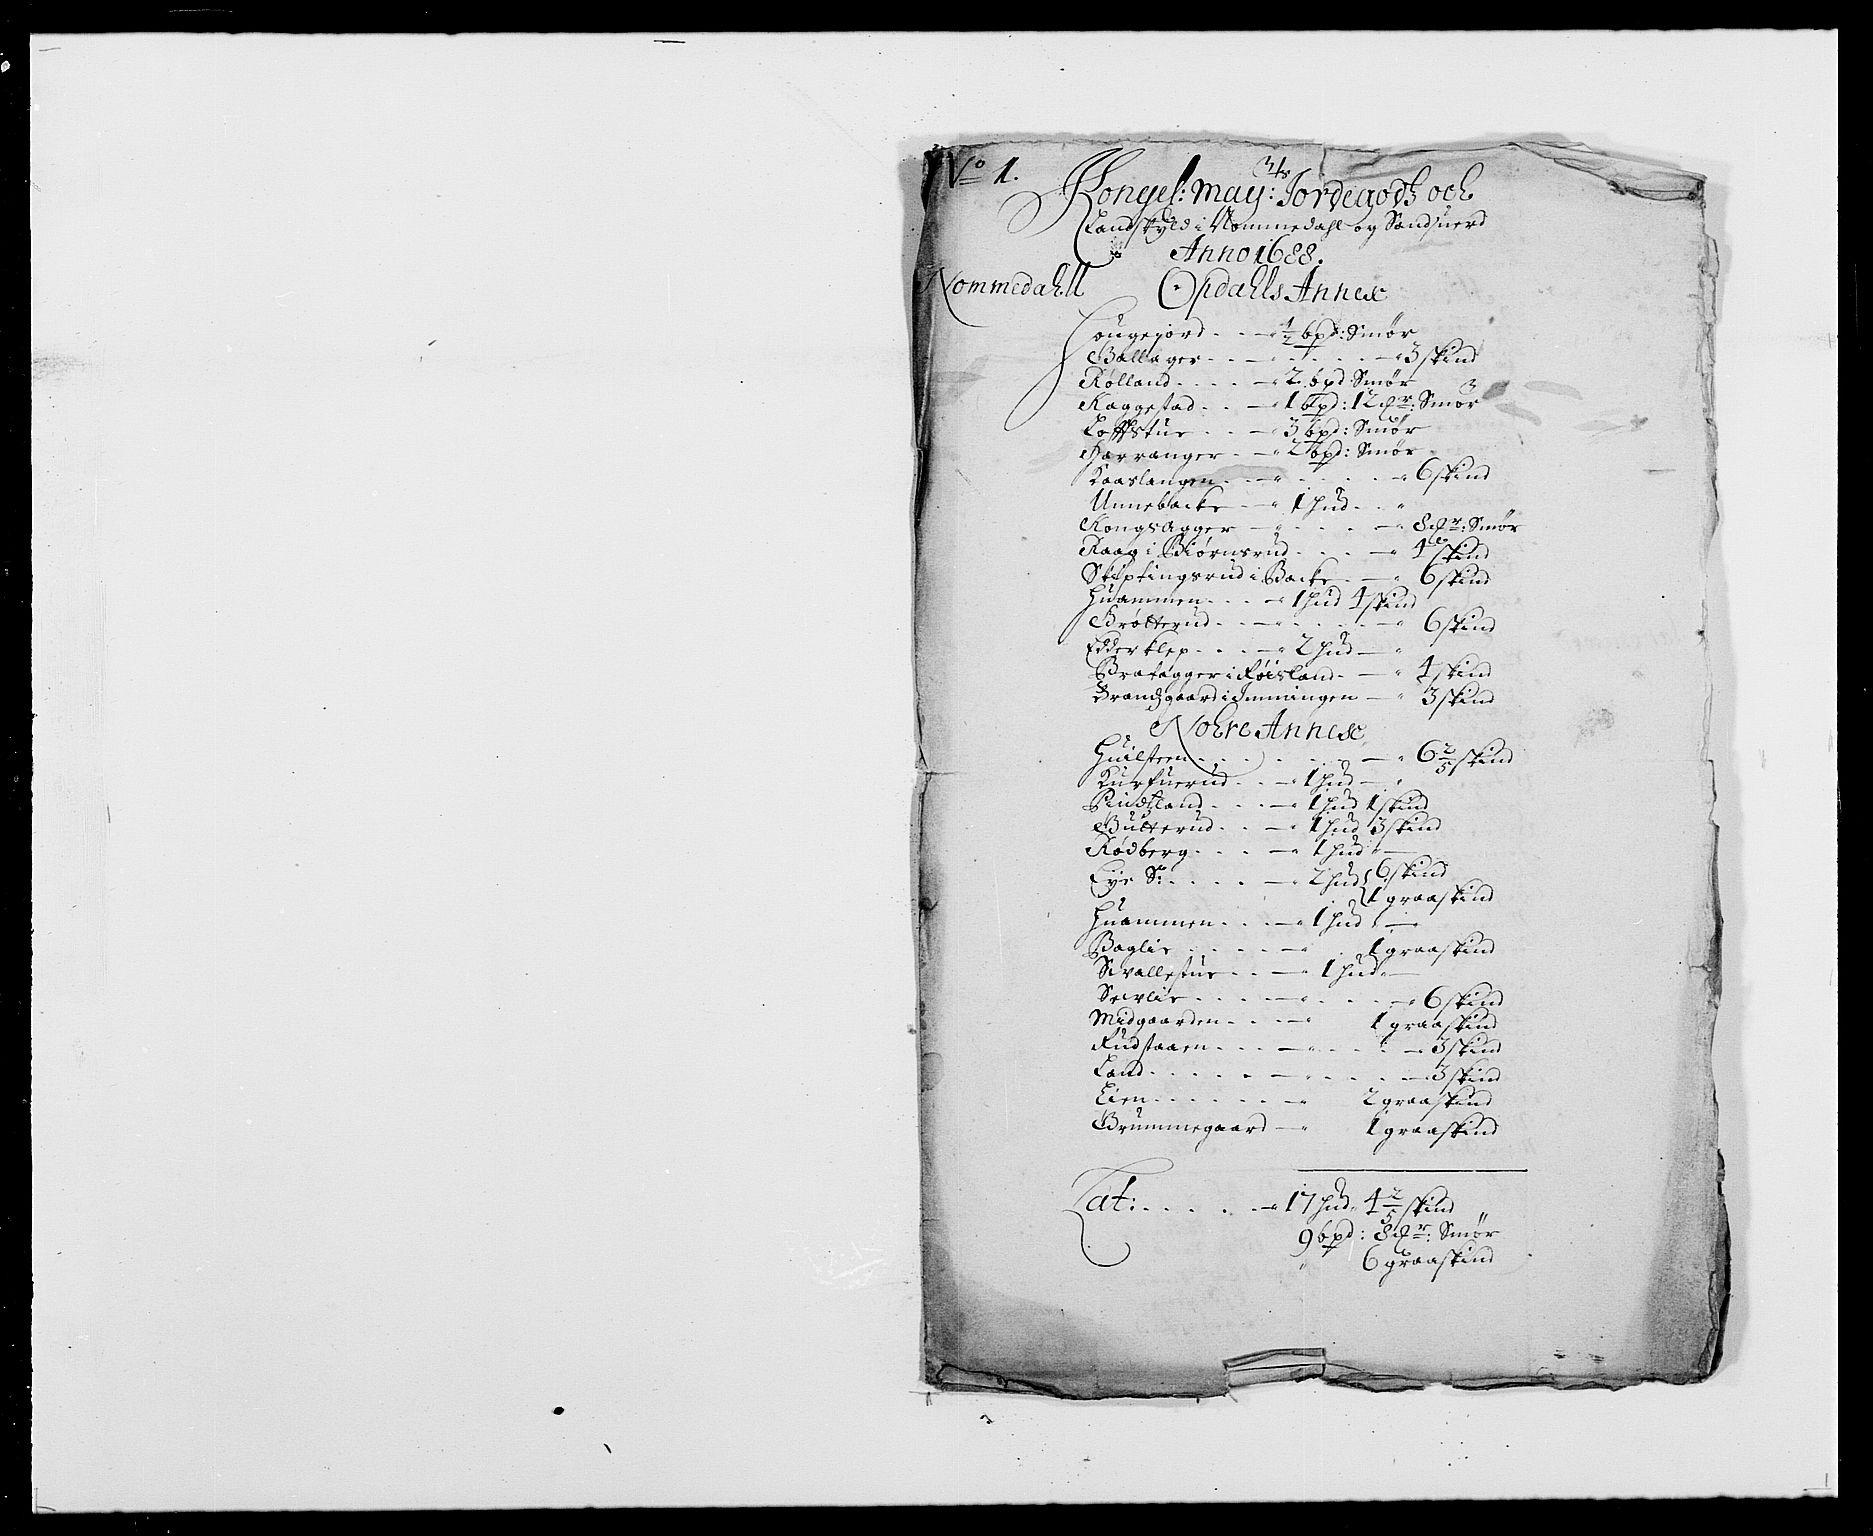 RA, Rentekammeret inntil 1814, Reviderte regnskaper, Fogderegnskap, R24/L1573: Fogderegnskap Numedal og Sandsvær, 1687-1691, s. 267